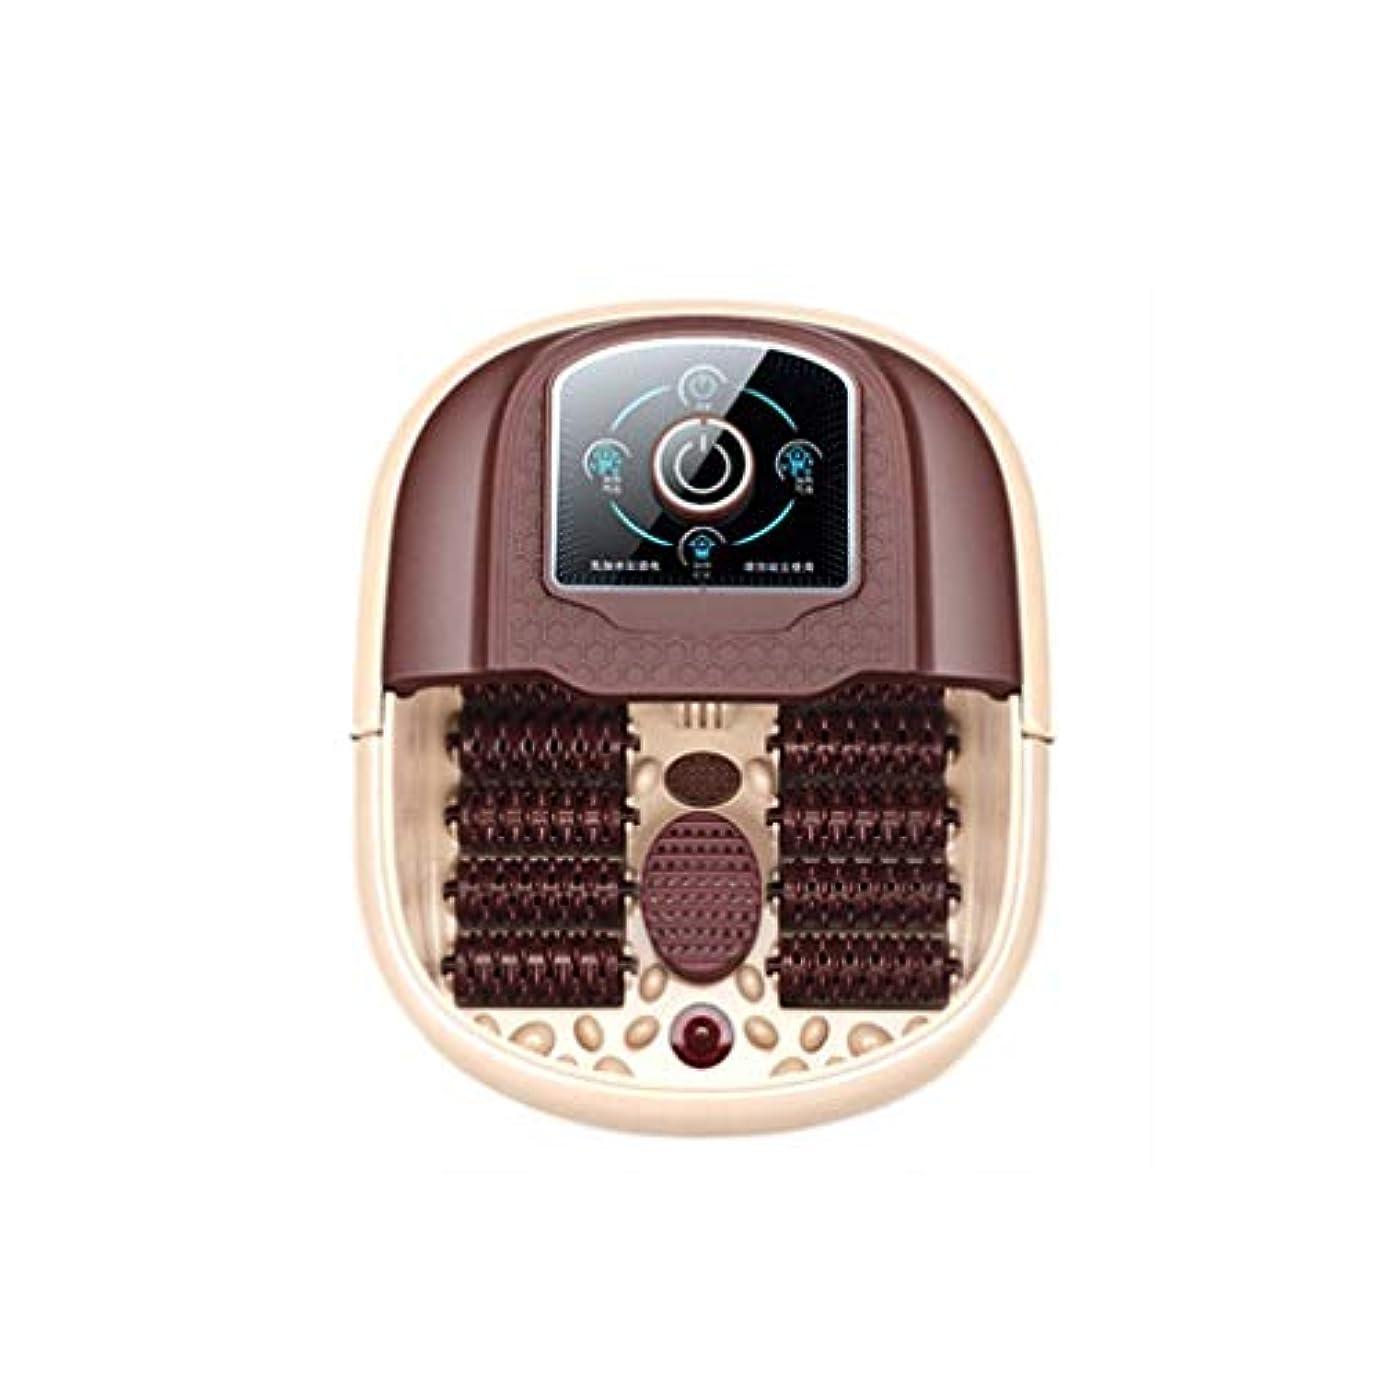 人間カードグラム友人や親戚のために足浴槽自動暖房フットホームヘルスフットマッサージフットバスプロモーションギフト